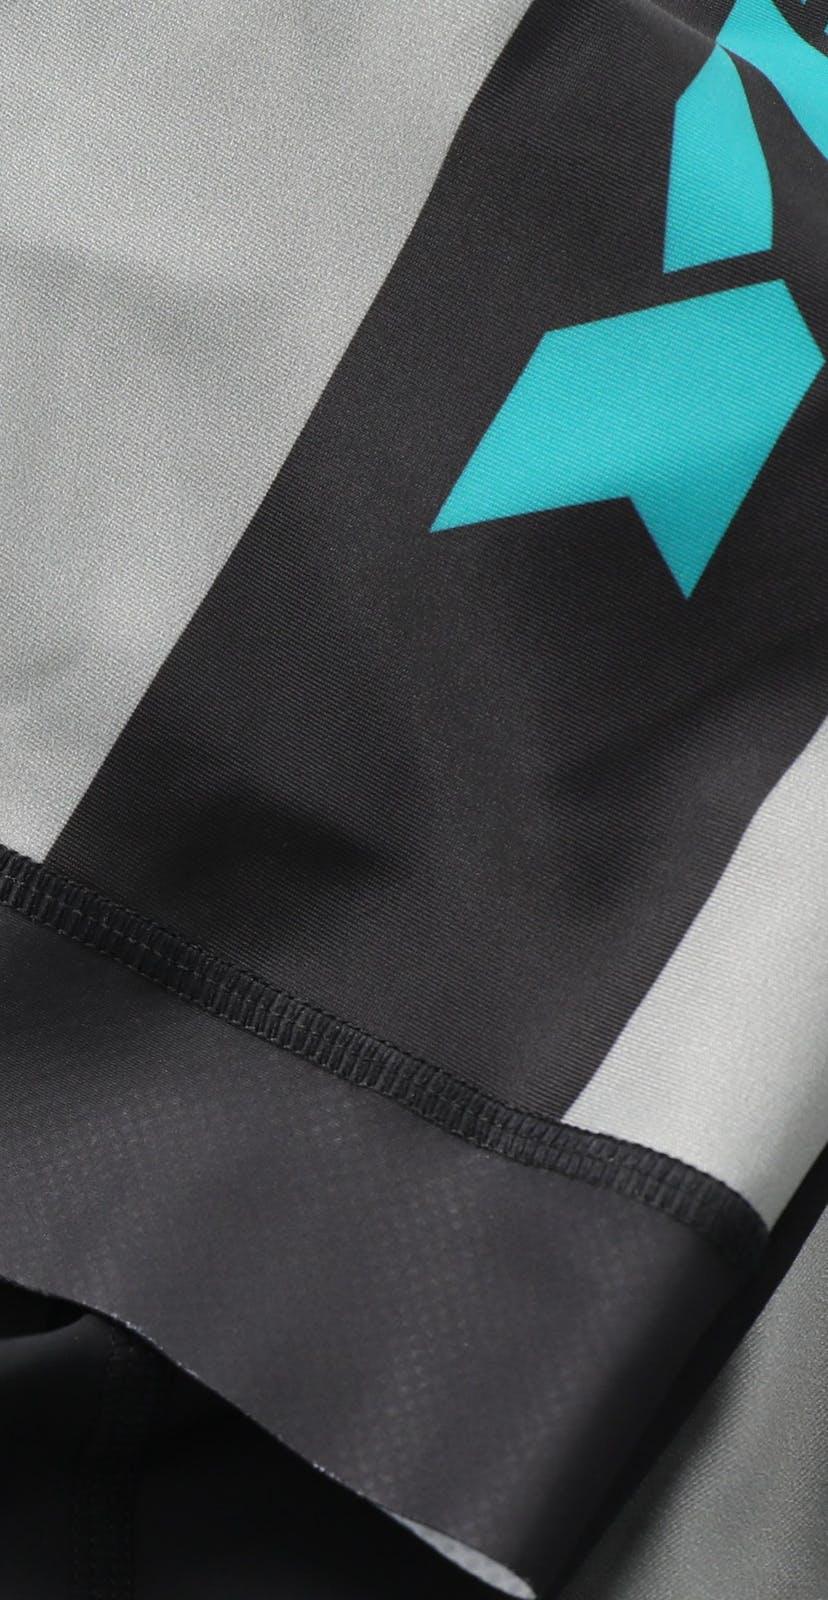 2020 Ironton Bib Detail 3